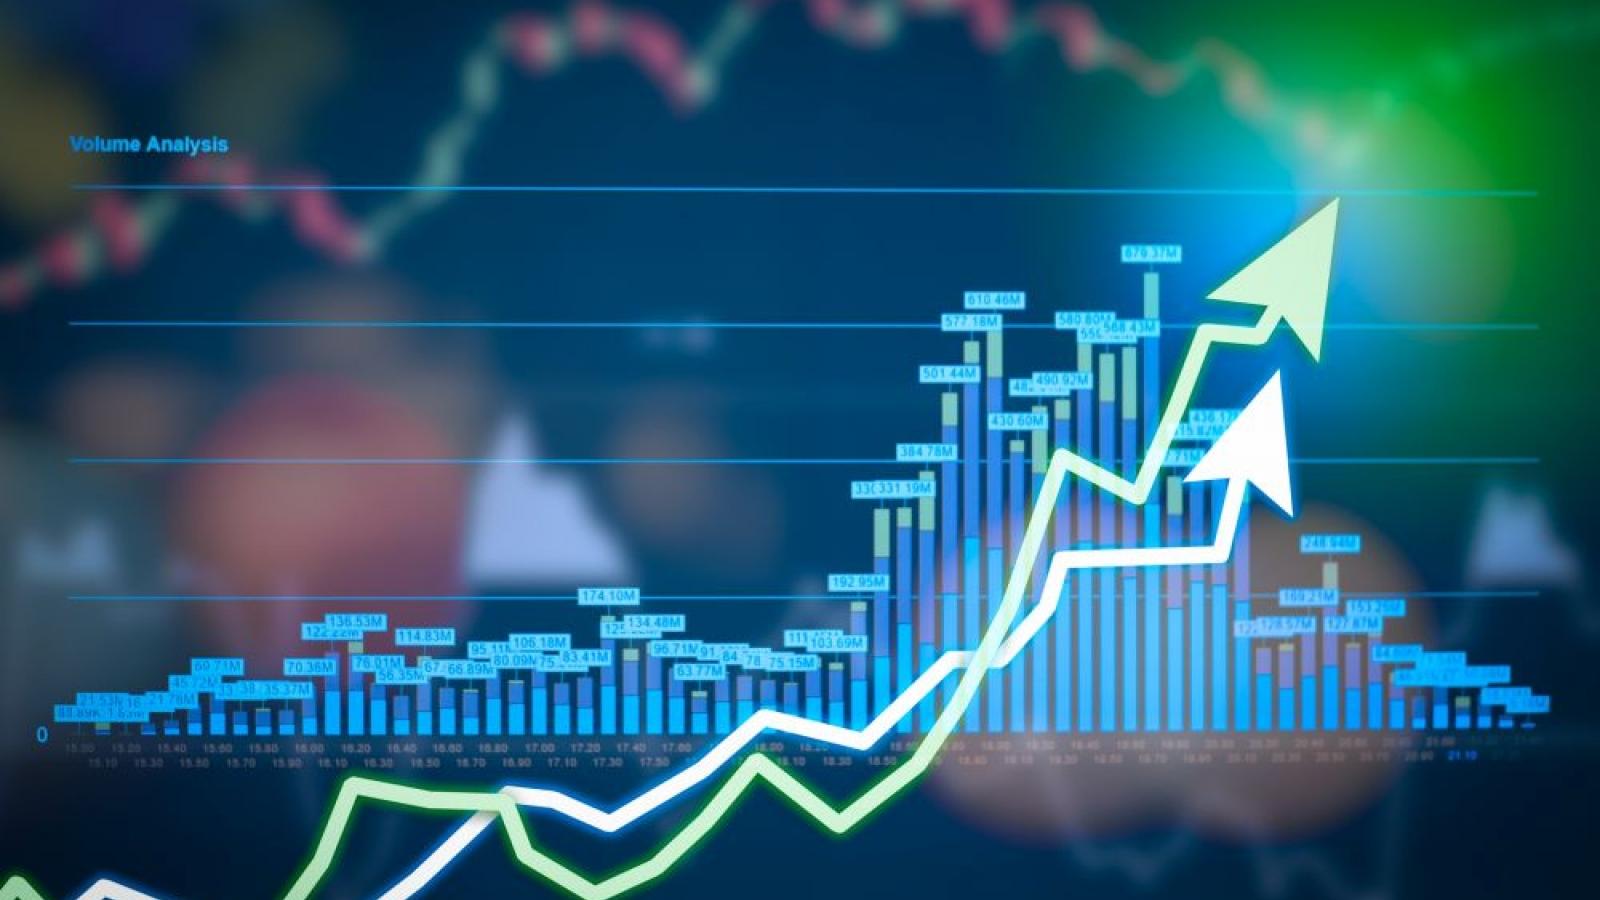 Thị trường chứng khoán hồi phục và tăng trưởng ngoạn mục trong năm 2020